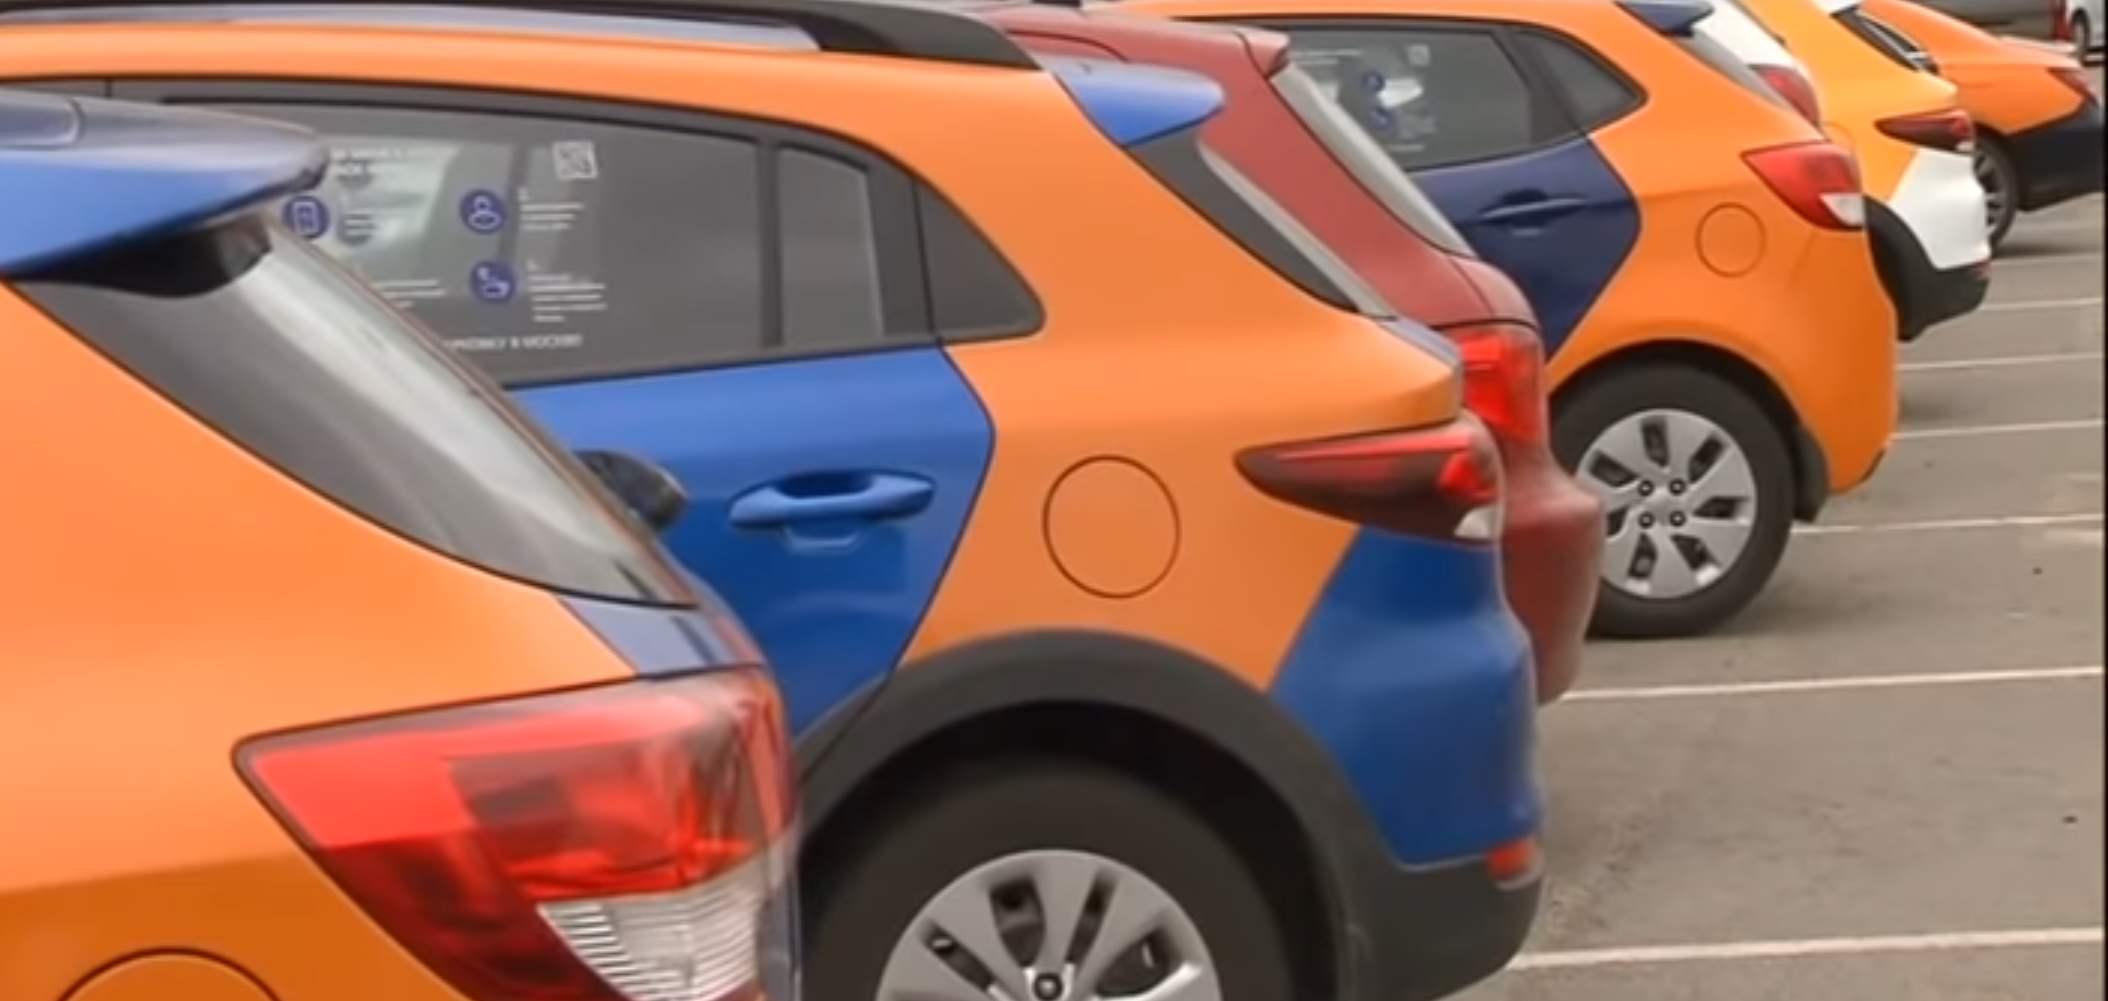 Moskau im Carsharing weltweit führend